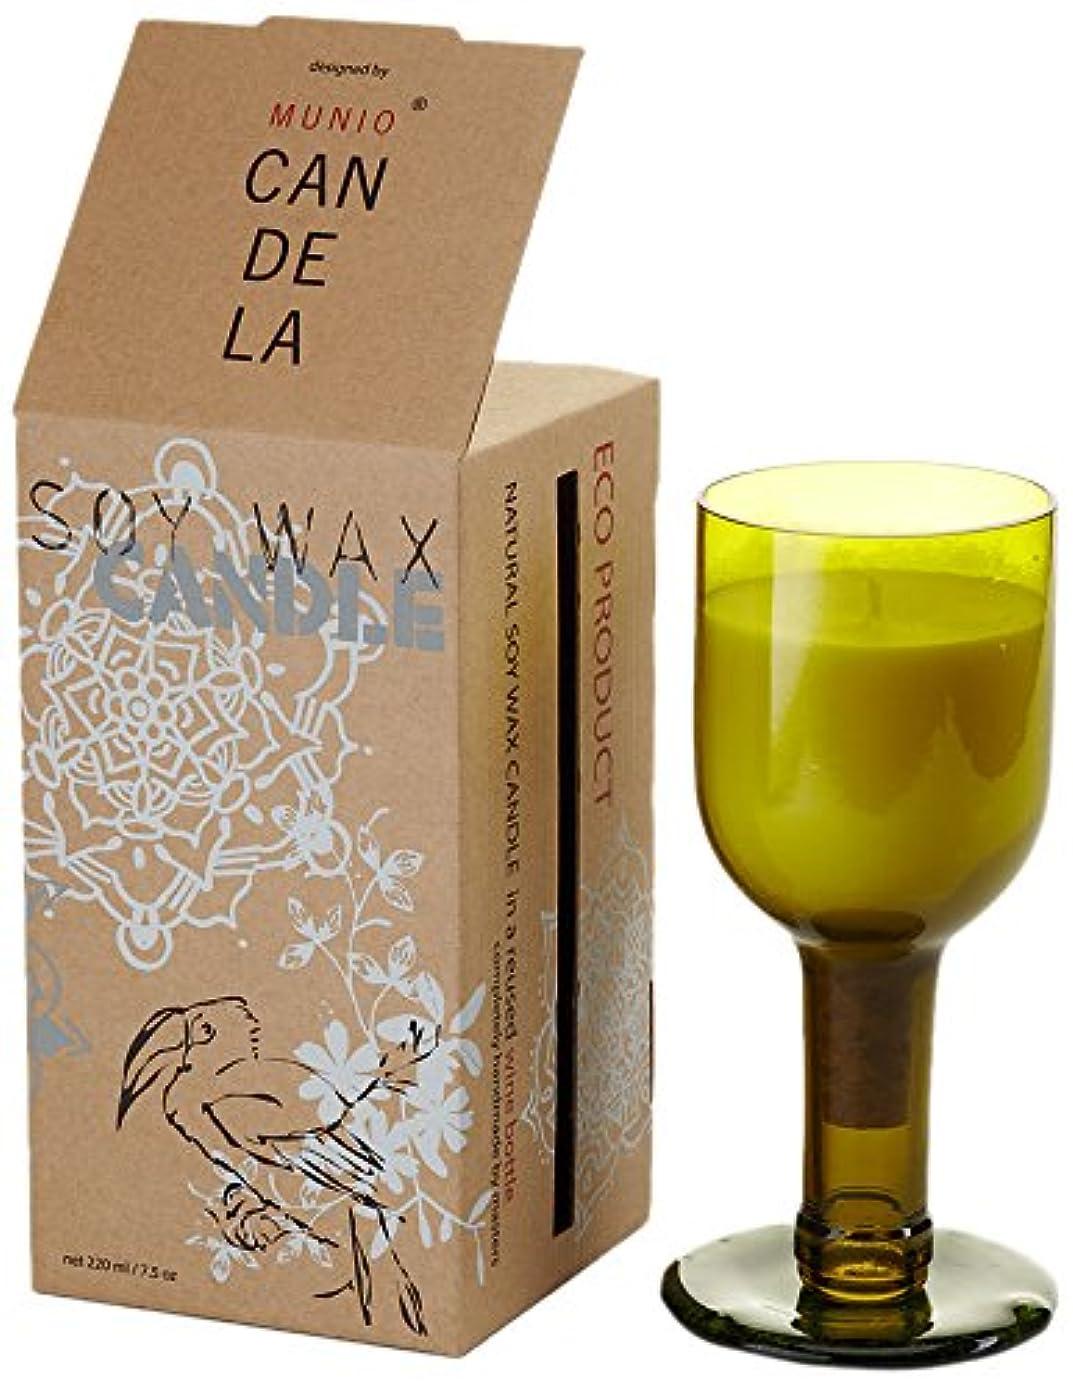 穴塗抹収容するソイワックス リユーズド ネック ワインボトル キャンドル ローズガーデン